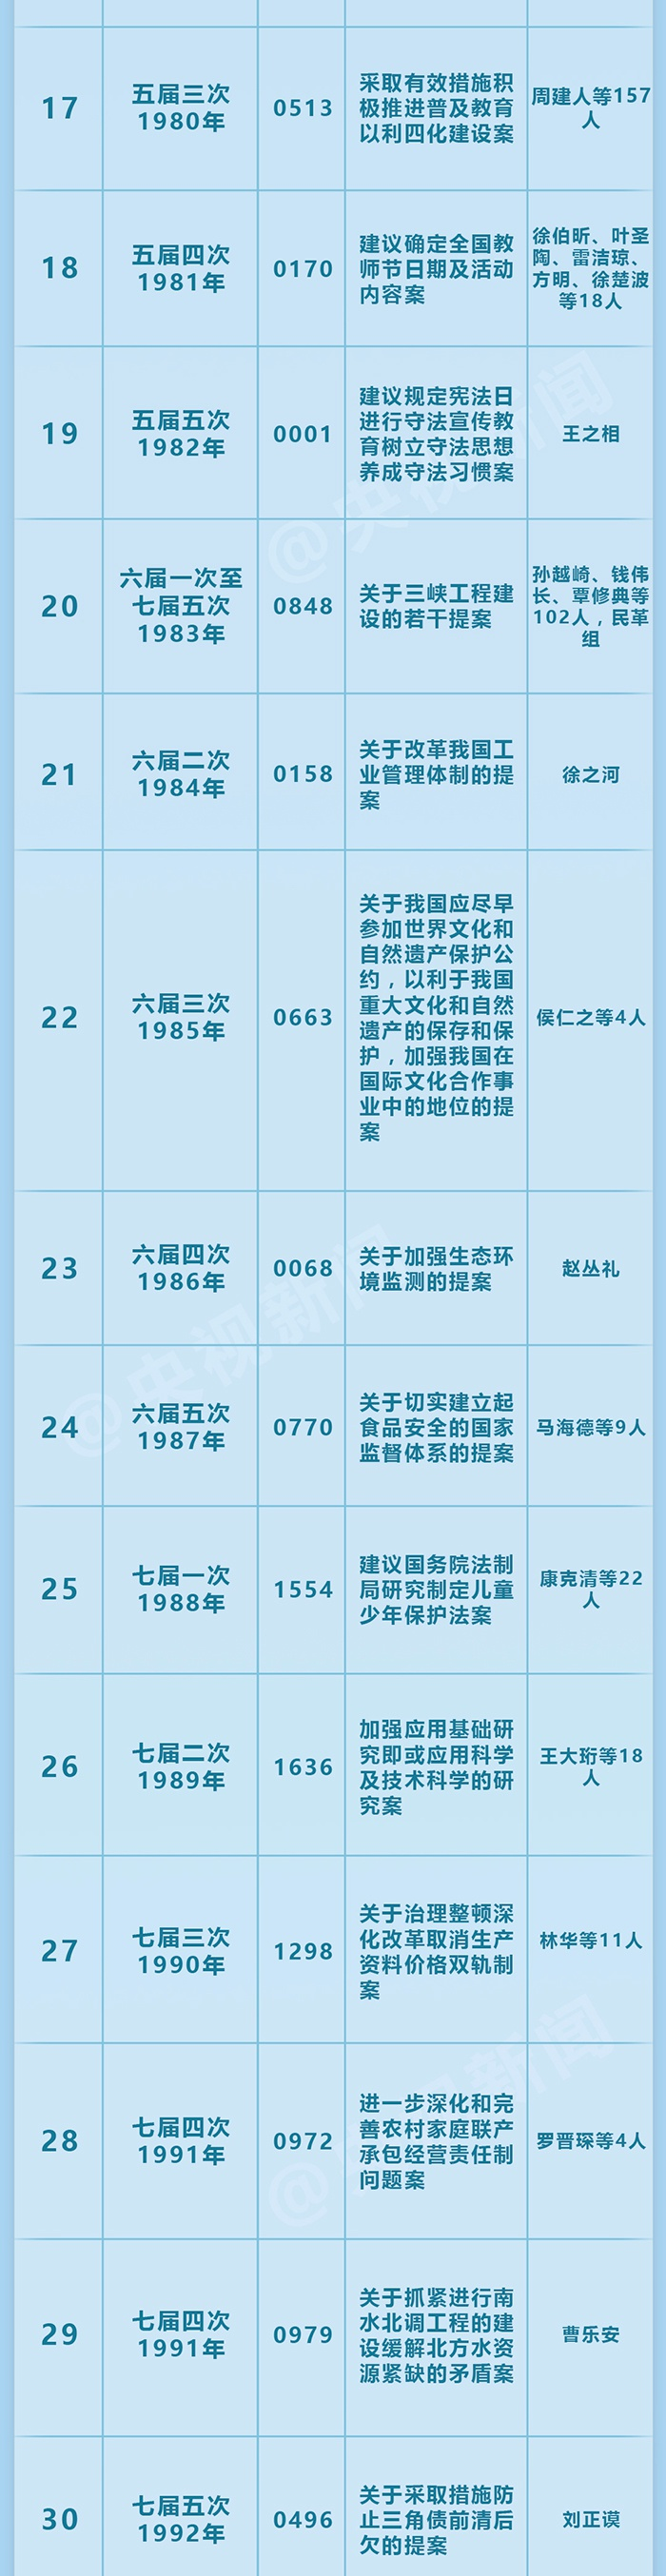 """金凤凰彩票规律,海宁登上人民日报 长三角一体化发展""""划重点"""""""